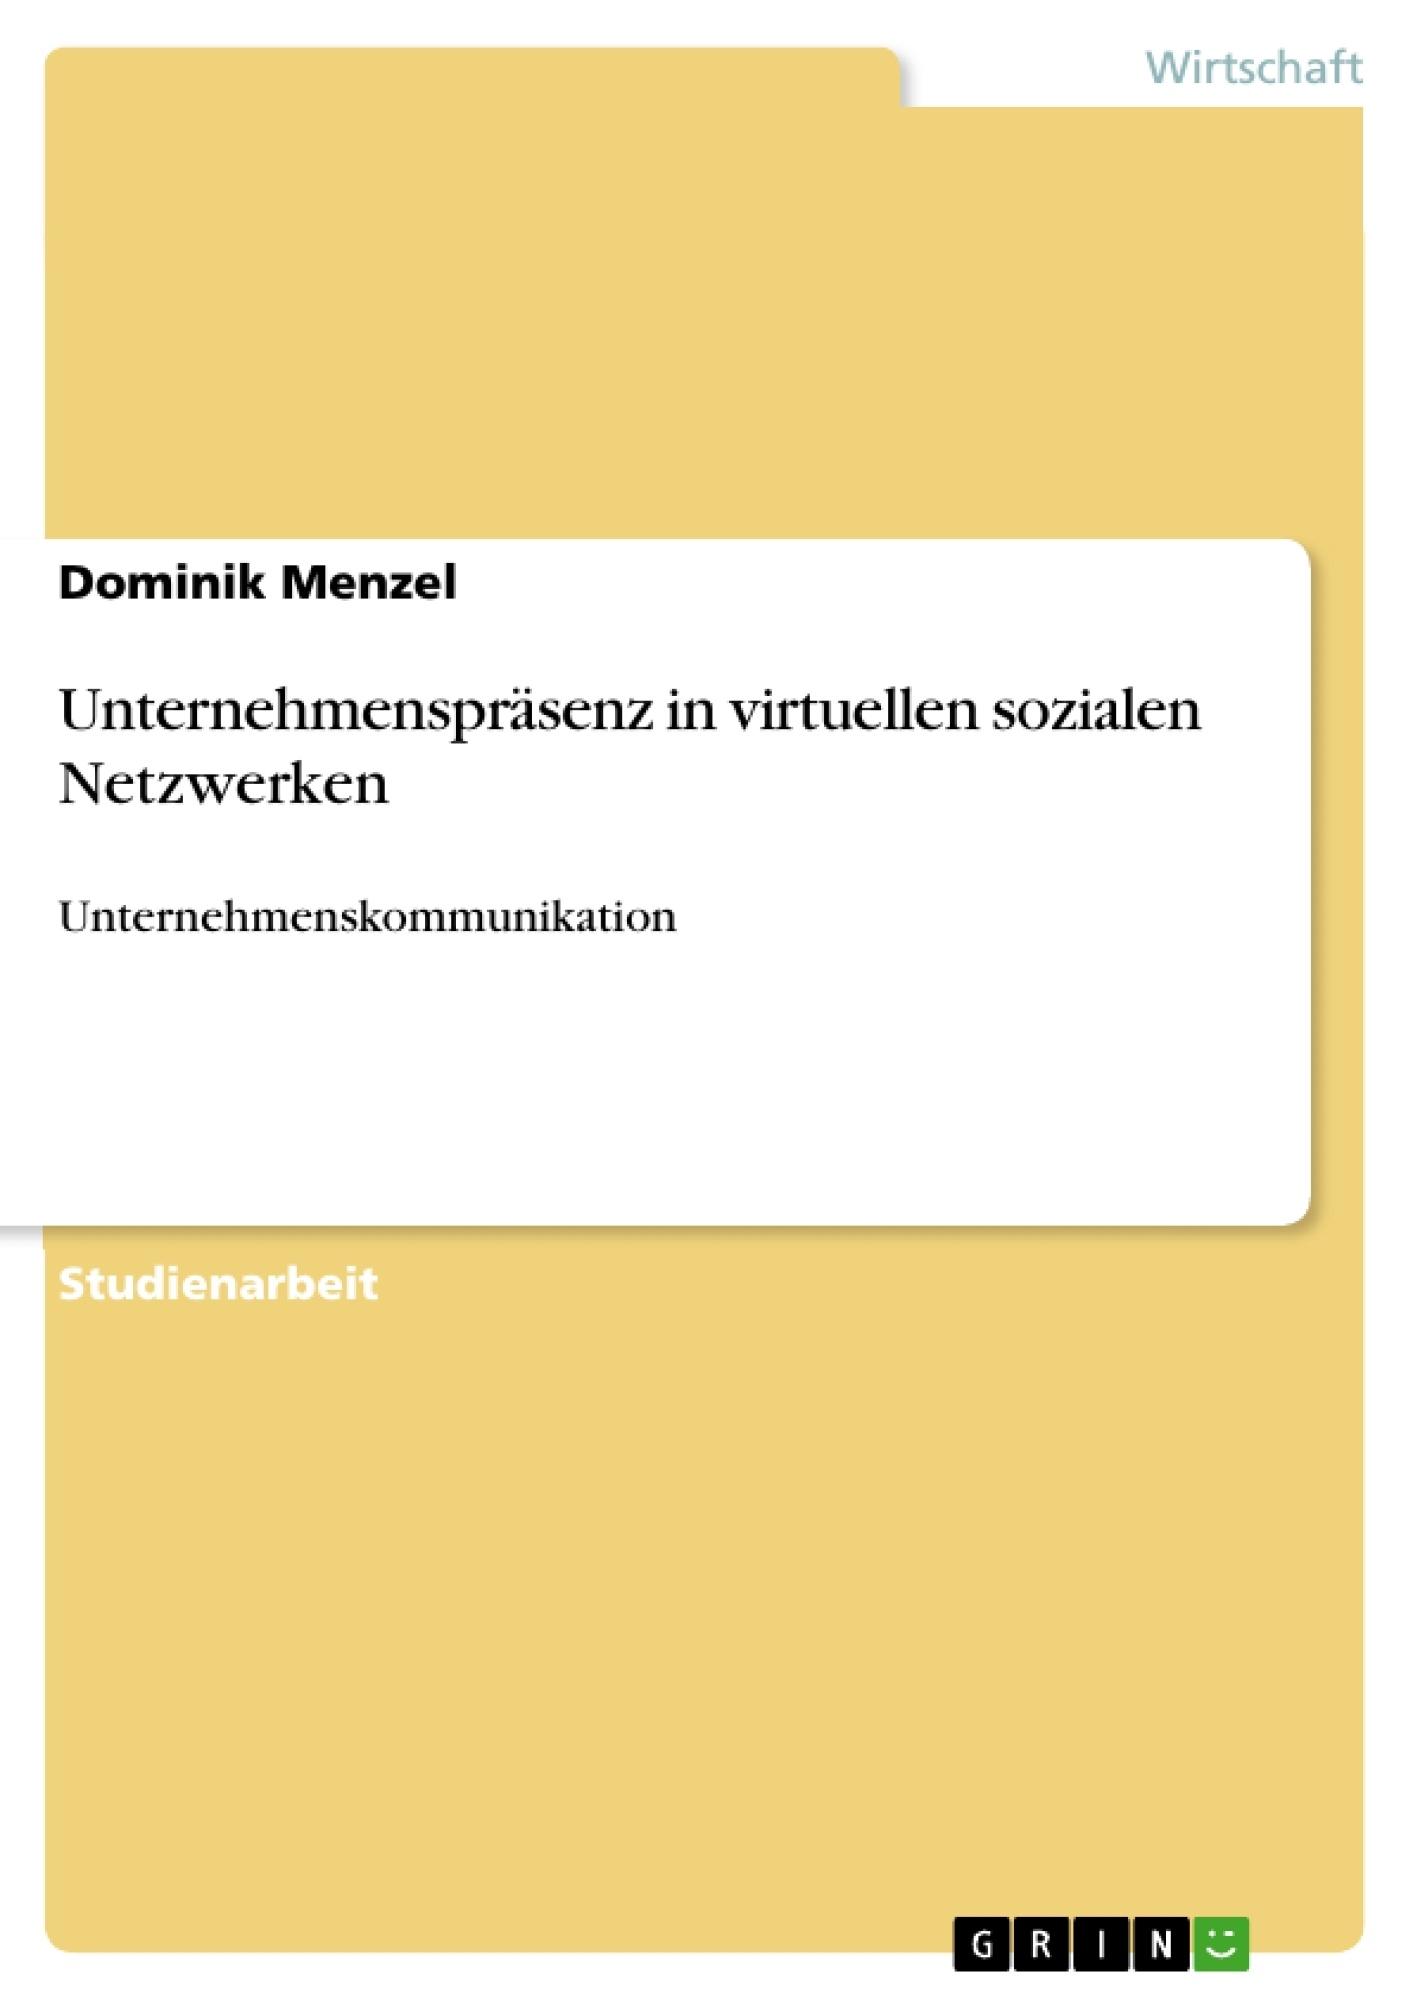 Titel: Unternehmenspräsenz in virtuellen sozialen Netzwerken